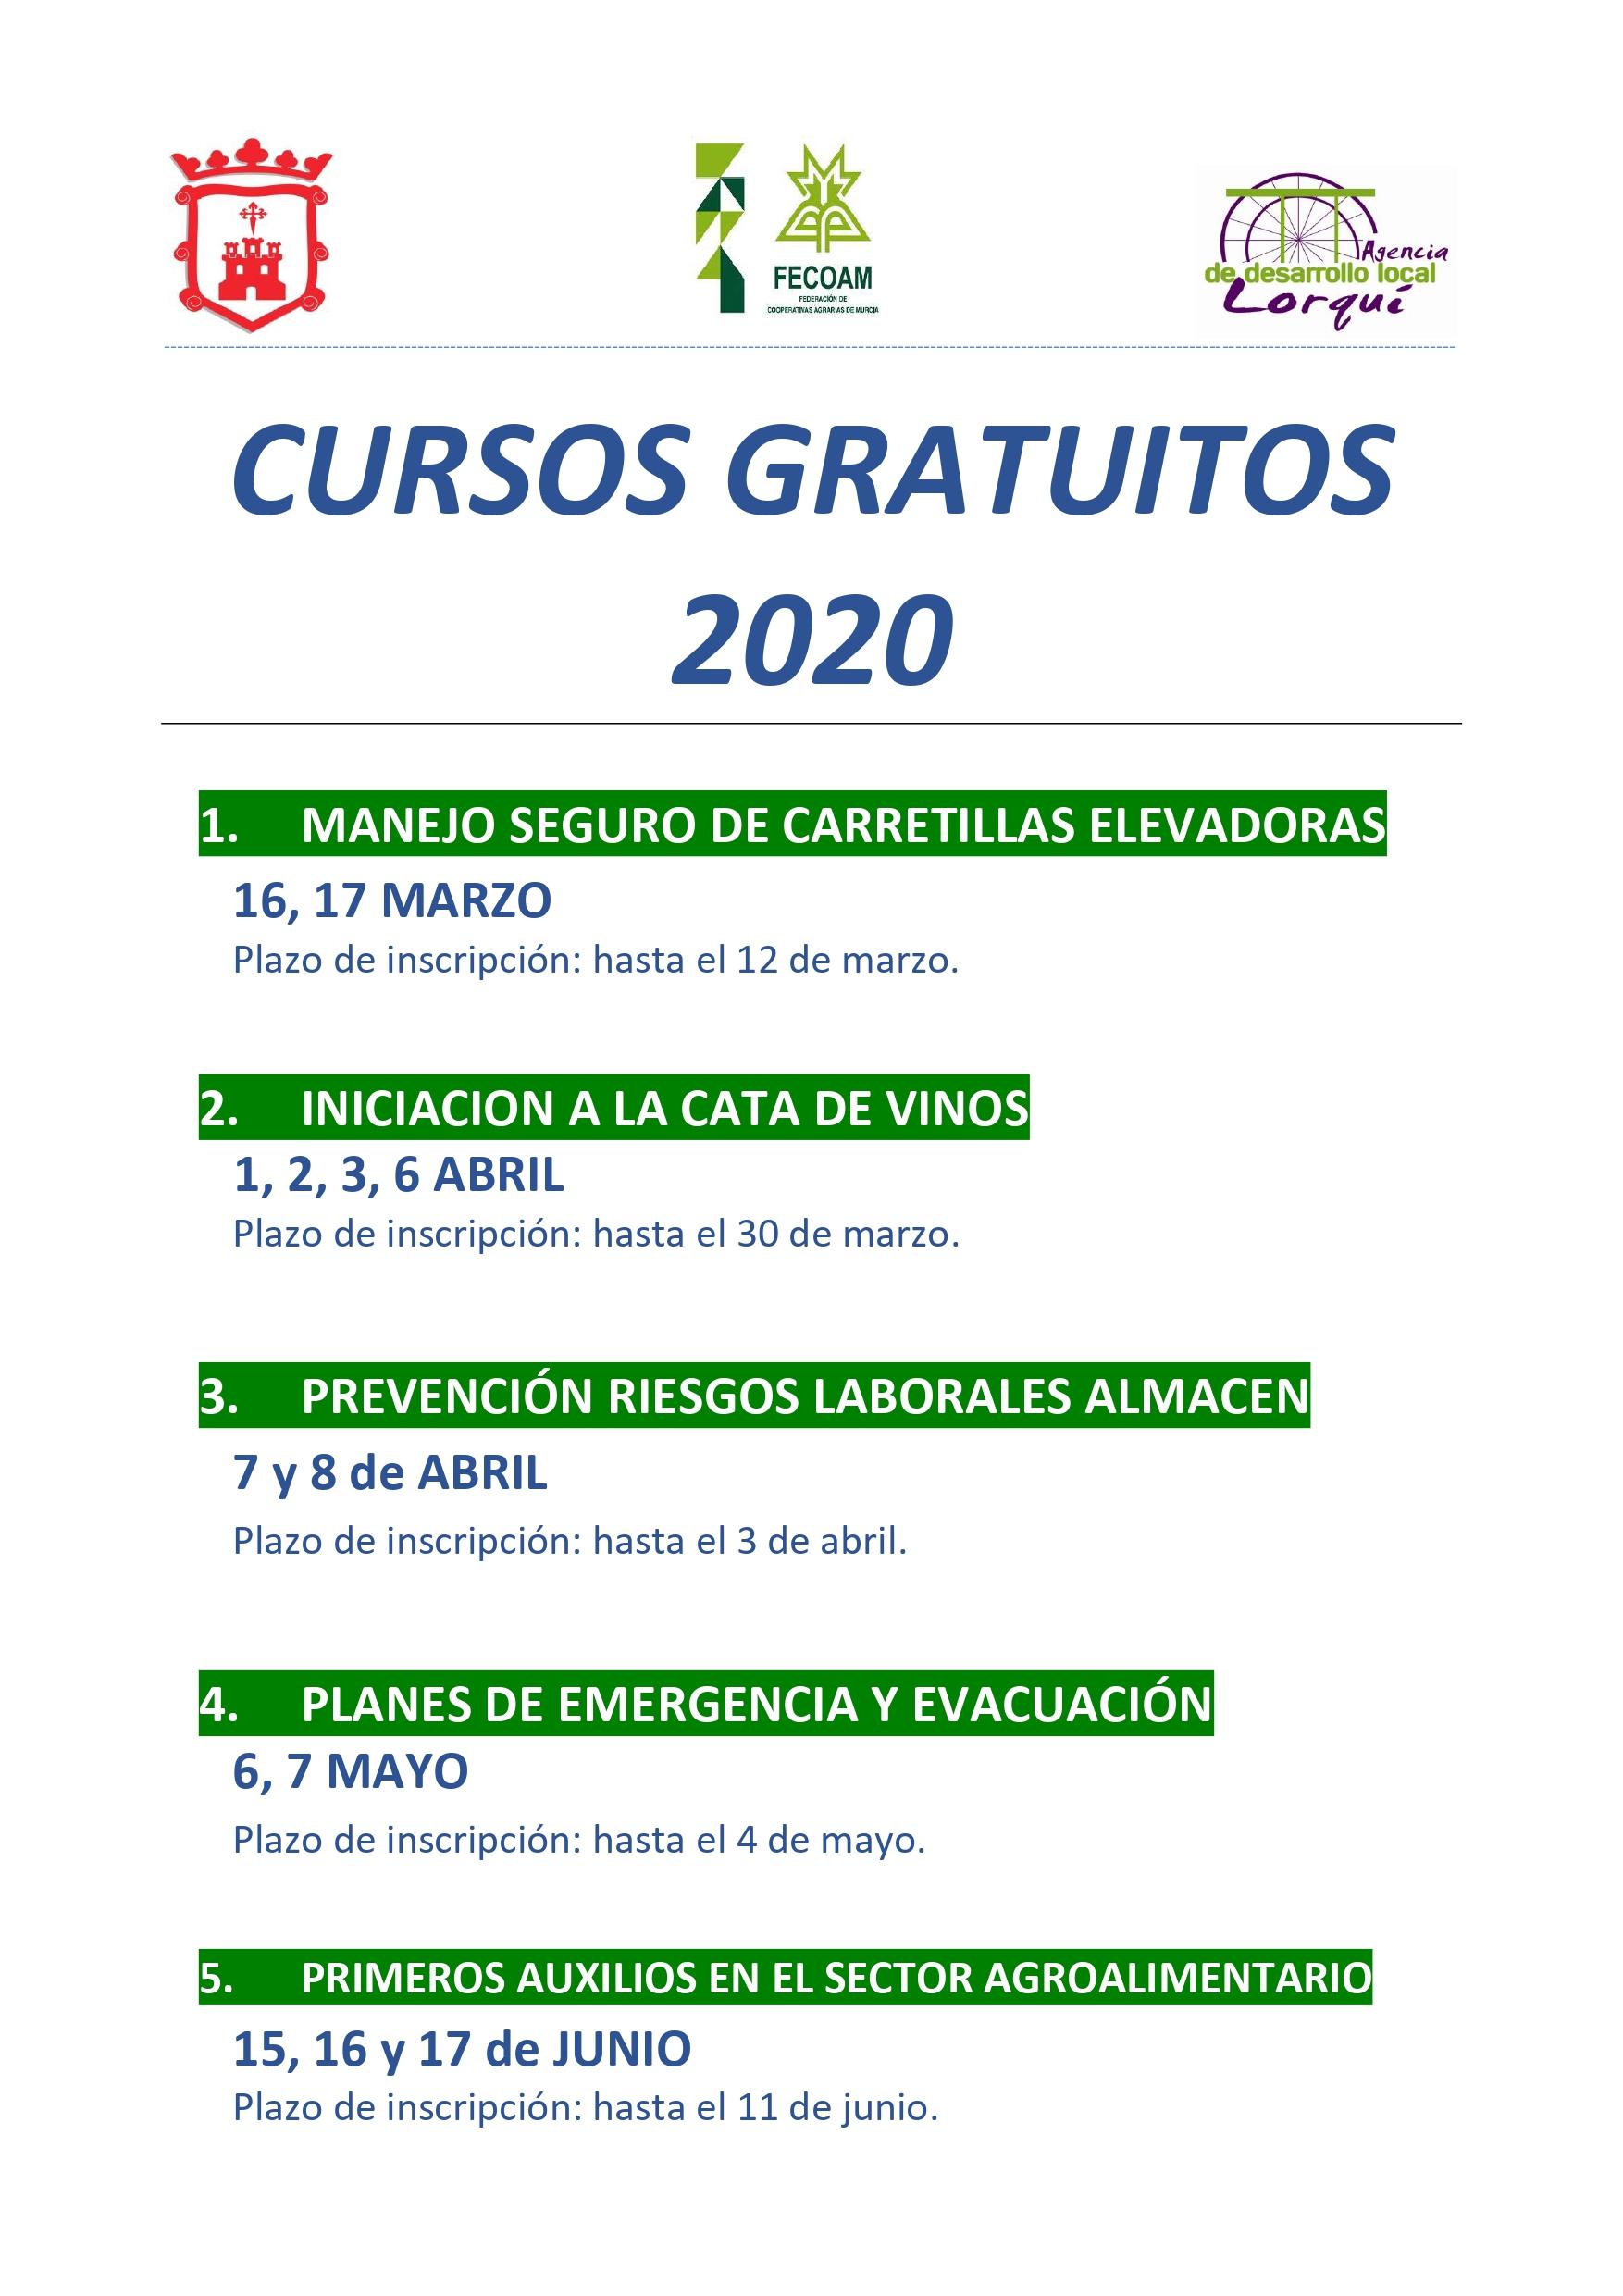 Cartel cursos  FECOAM 2020_page-0001